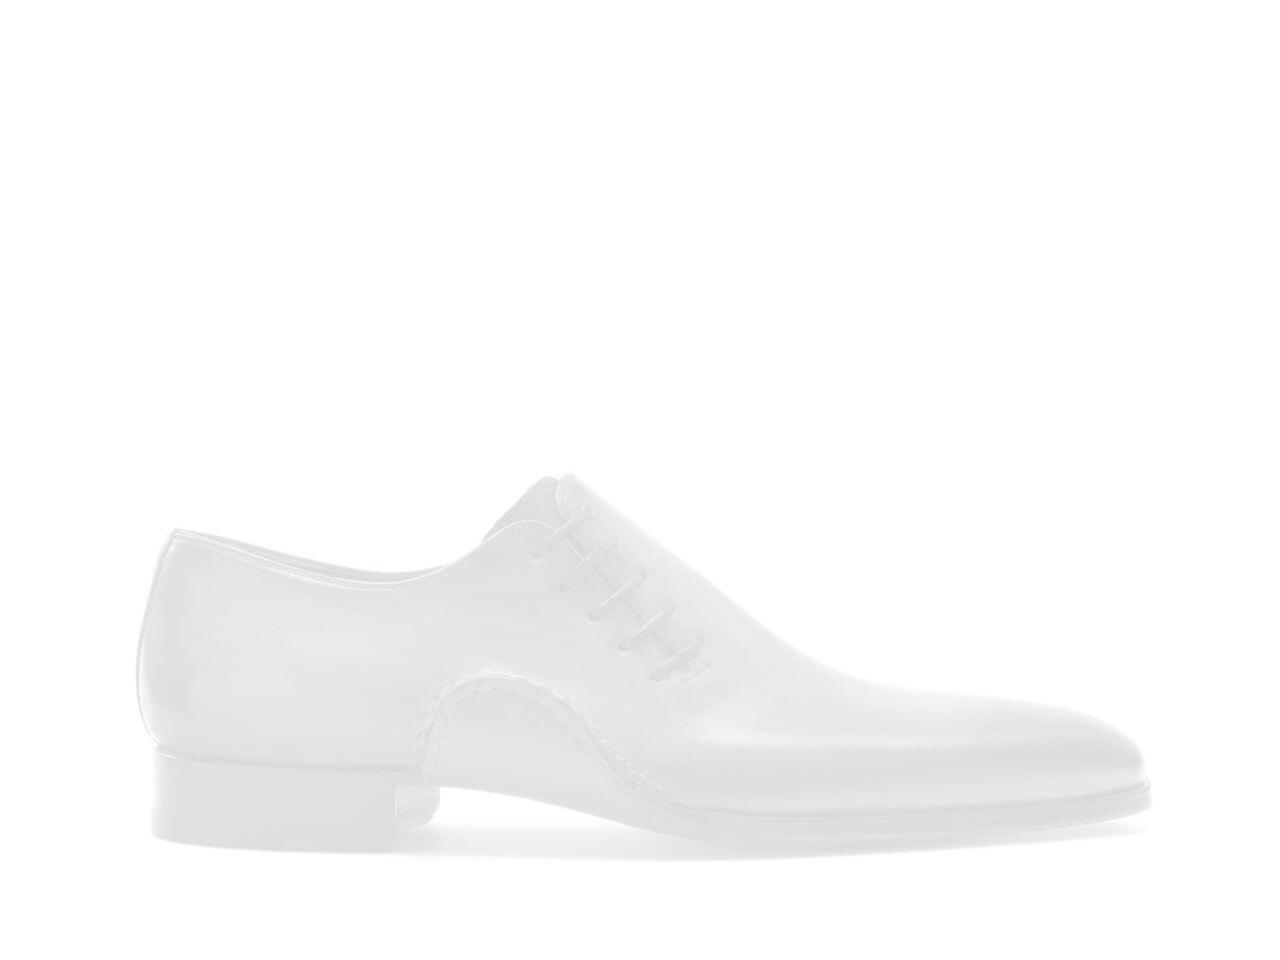 Pair of the Magnanni Nacio Cuero Men's Derby Shoes